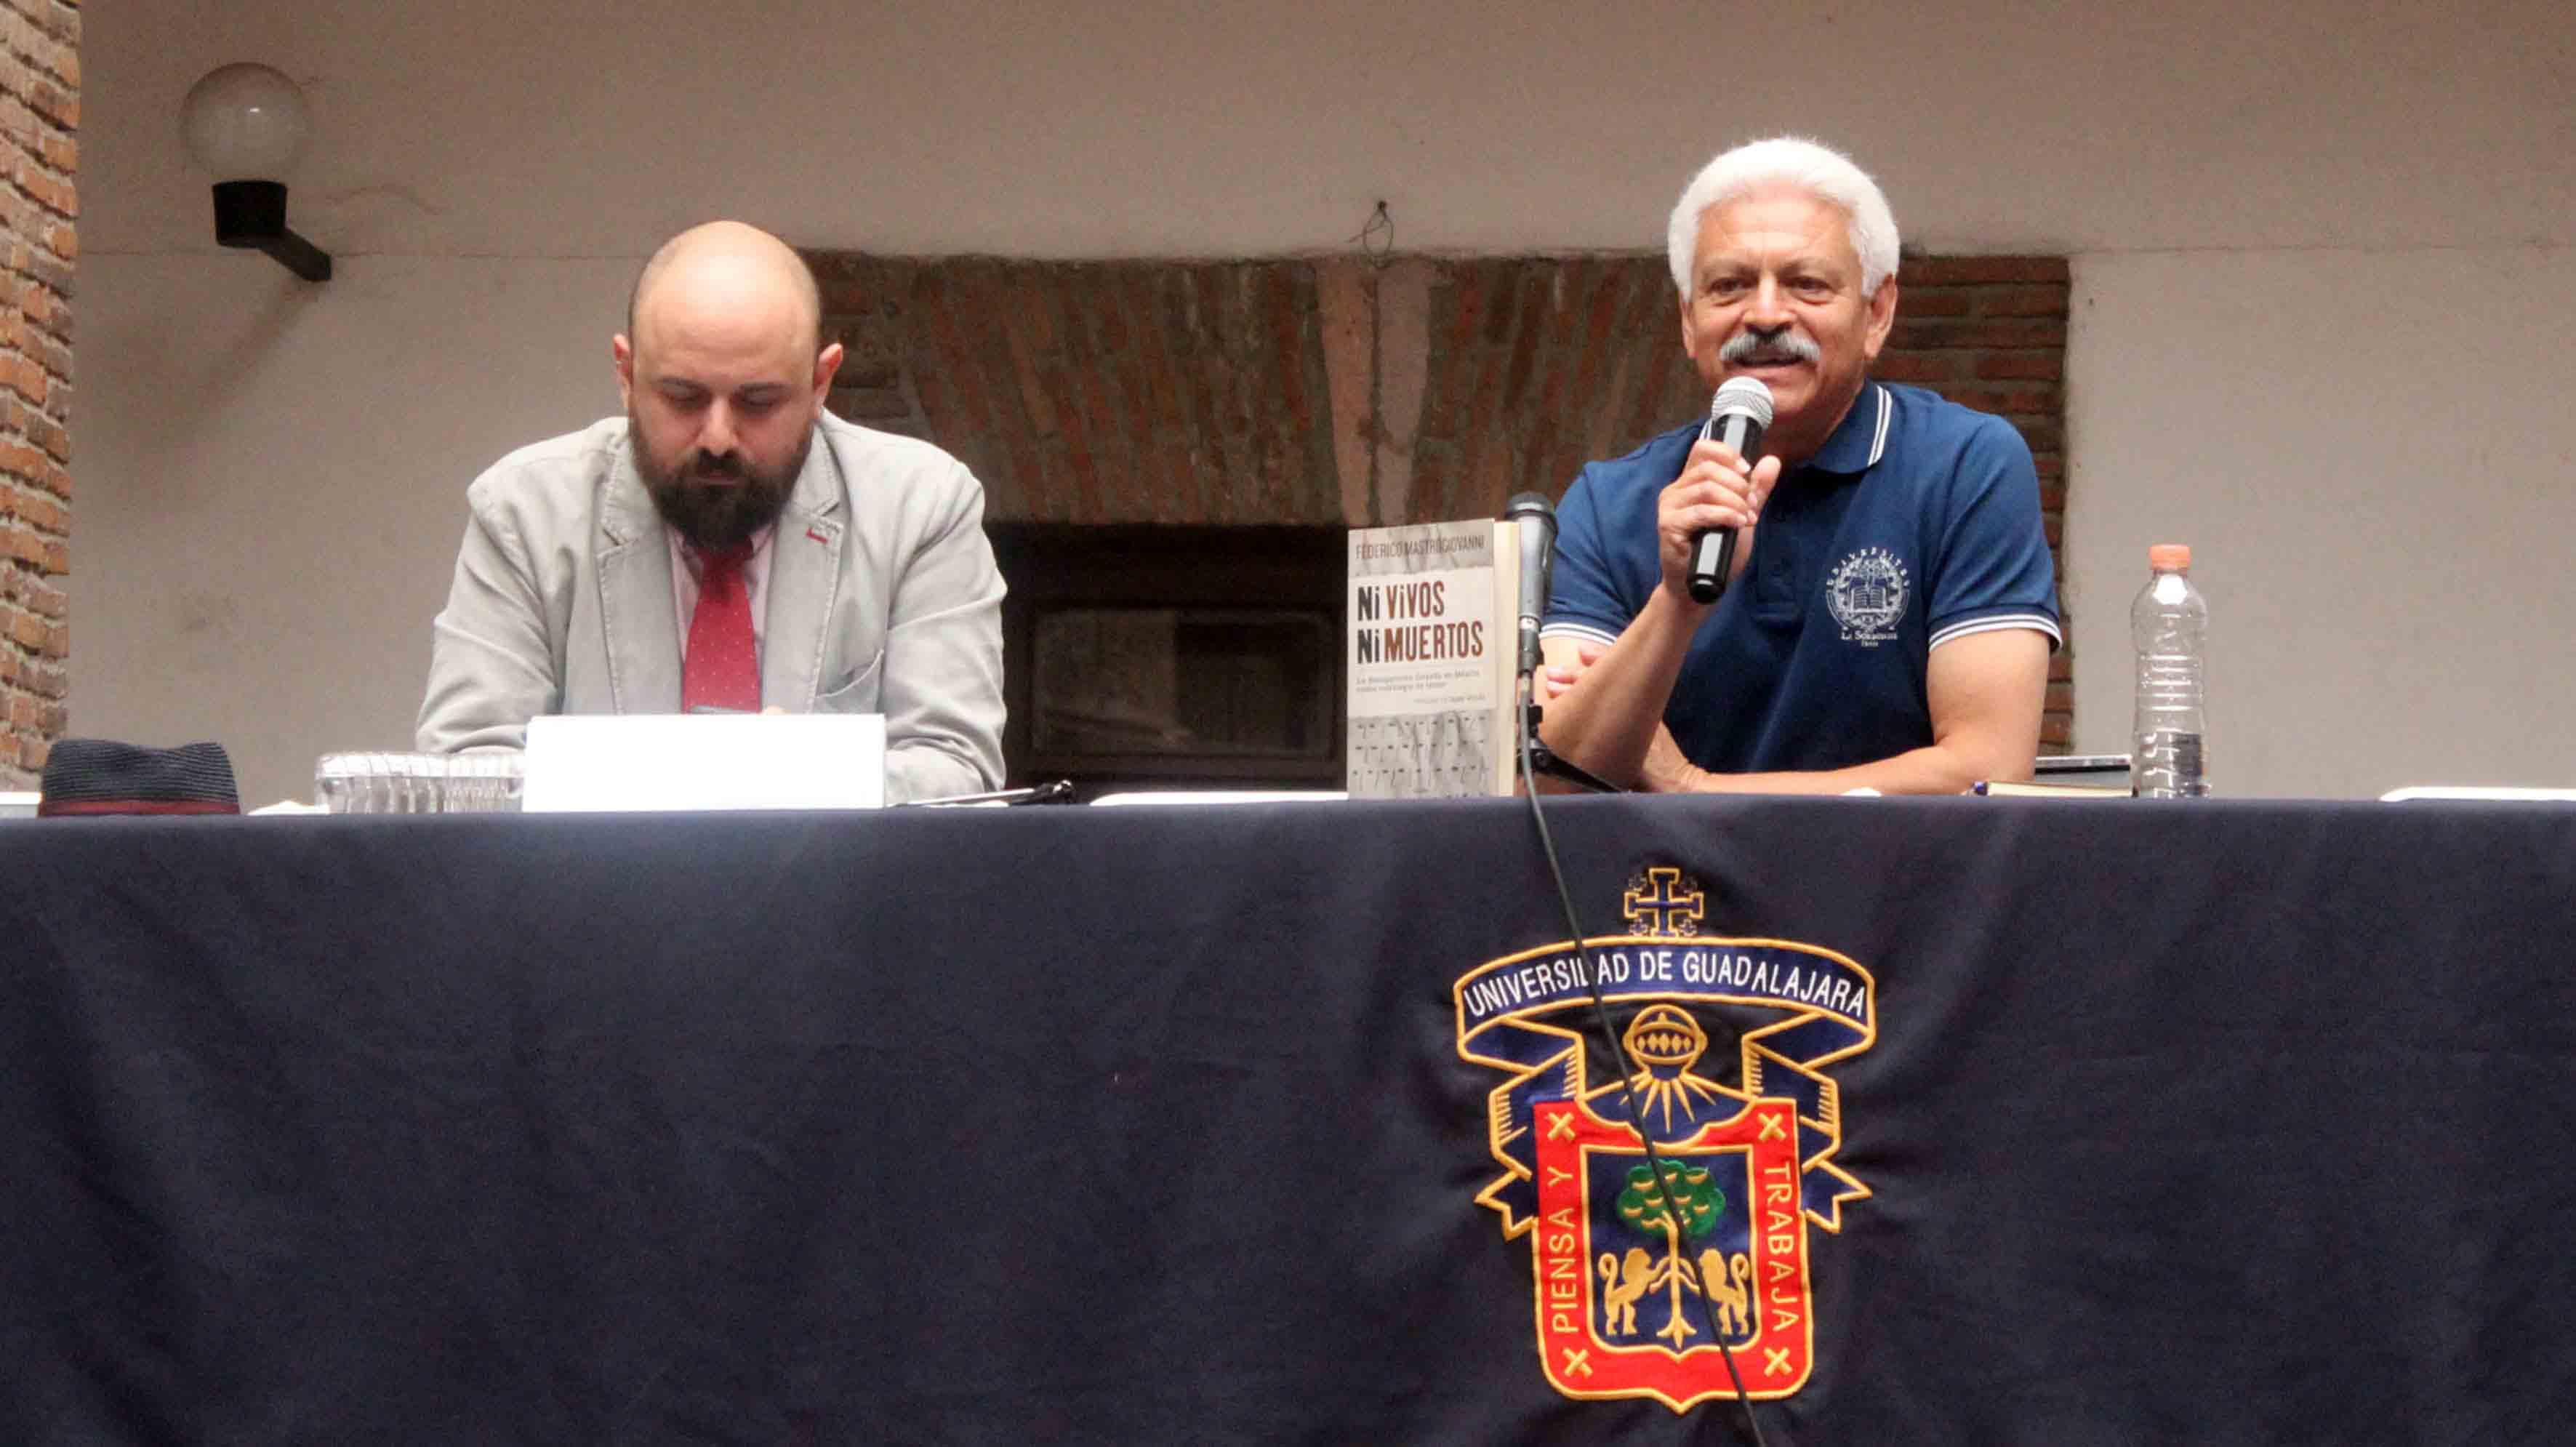 """Periodista Federico Mastrogiovanni, impartiendo conferencia sobre su libro"""" Ni vivos ni muertos. La desaparición forzada en México como estrategia del terror"""", publicado en 2014."""